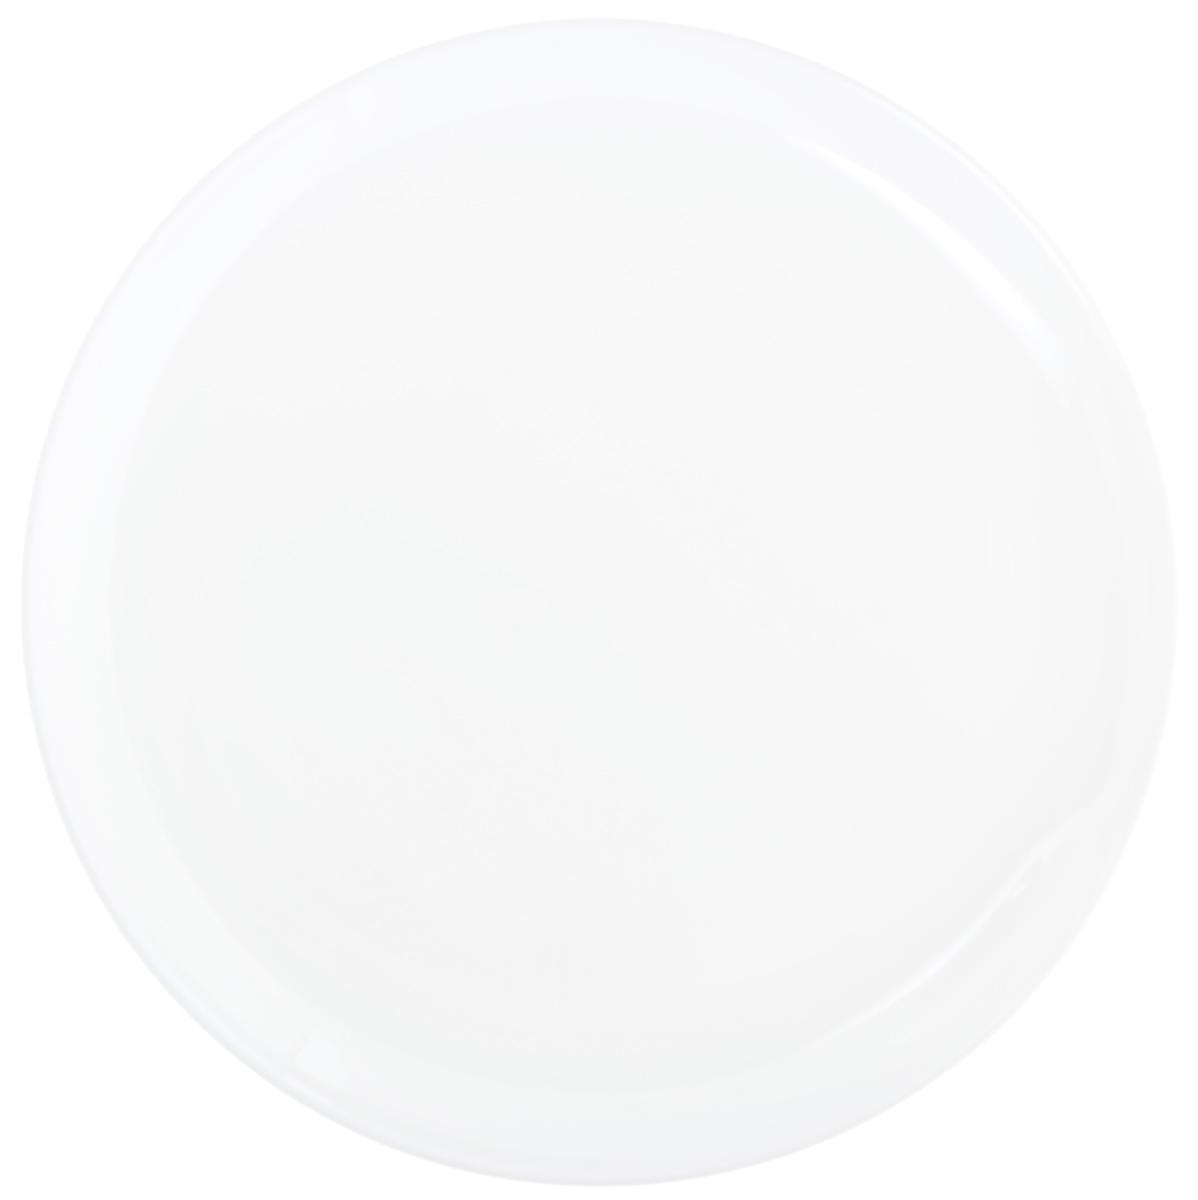 Тарелка обеденная Luminarc Diwali, диаметр 25 см54 009303Обеденная тарелка Luminarc Diwali, изготовленная из высококачественного стекла, имеет изысканный внешний вид. Лаконичный дизайн придется по вкусу и ценителям классики, и тем, кто предпочитает утонченность. Тарелка Luminarc Diwali идеально подойдет для сервировки стола и станет отличным подарком к любому празднику.Диаметр (по верхнему краю): 25 см.